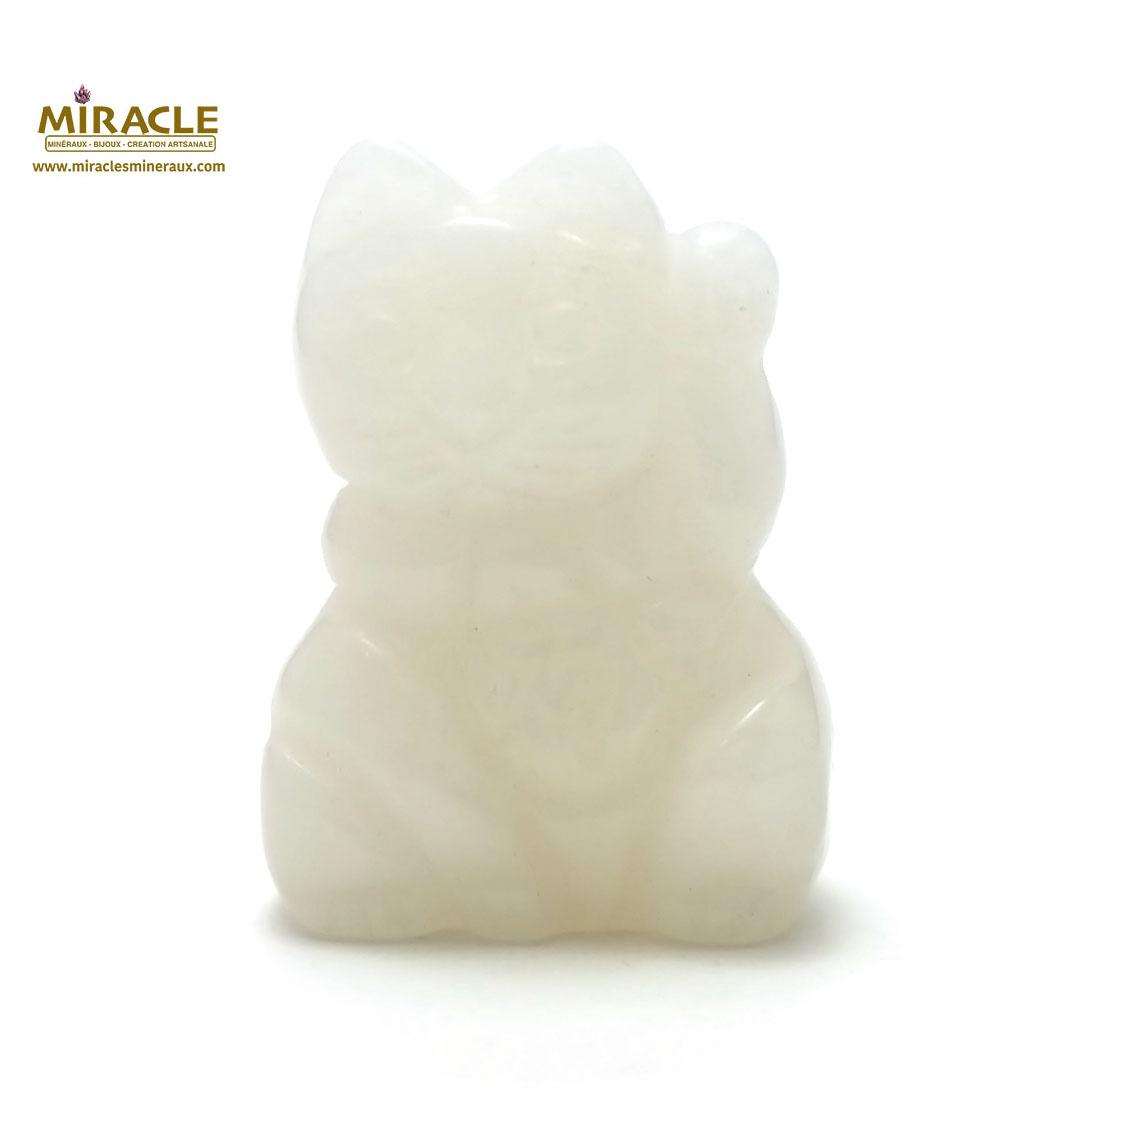 Magnifique statuette chat de fortune en pierre naturelle de jade blanc